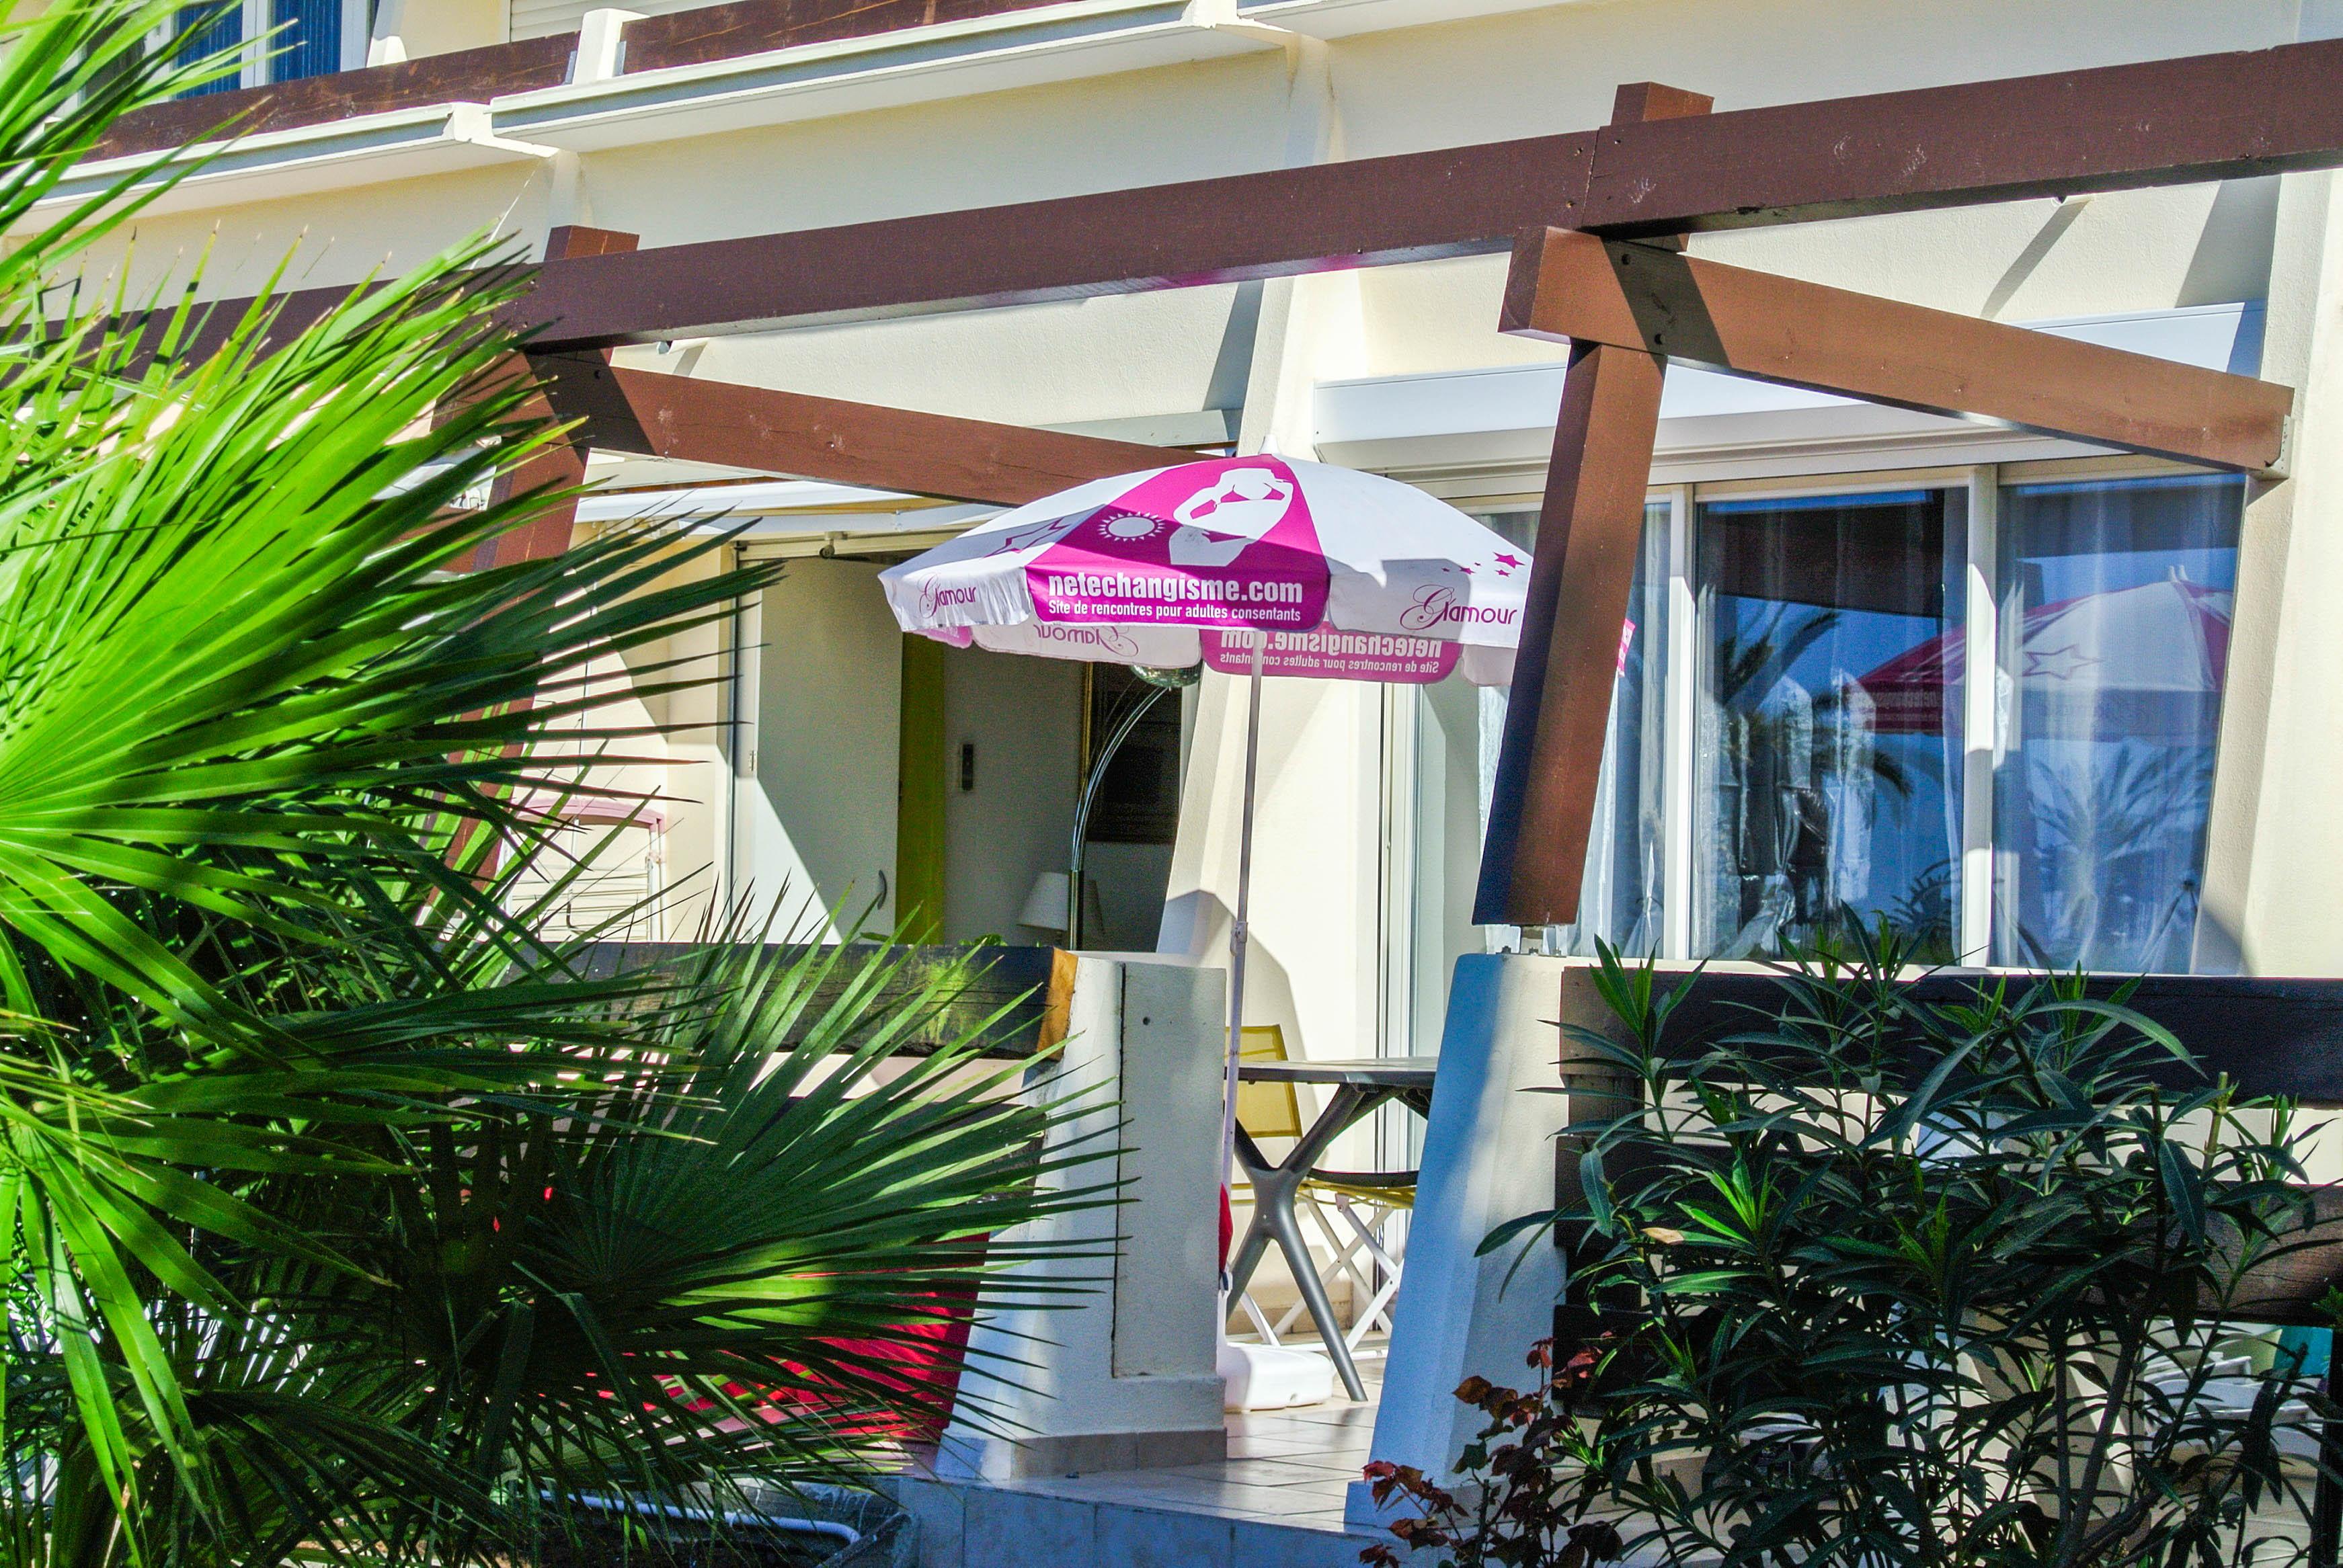 Terrasse studio _ Pink-Exhib _ Port-Nature Village Naturiste et Libertin Cap d'Agde